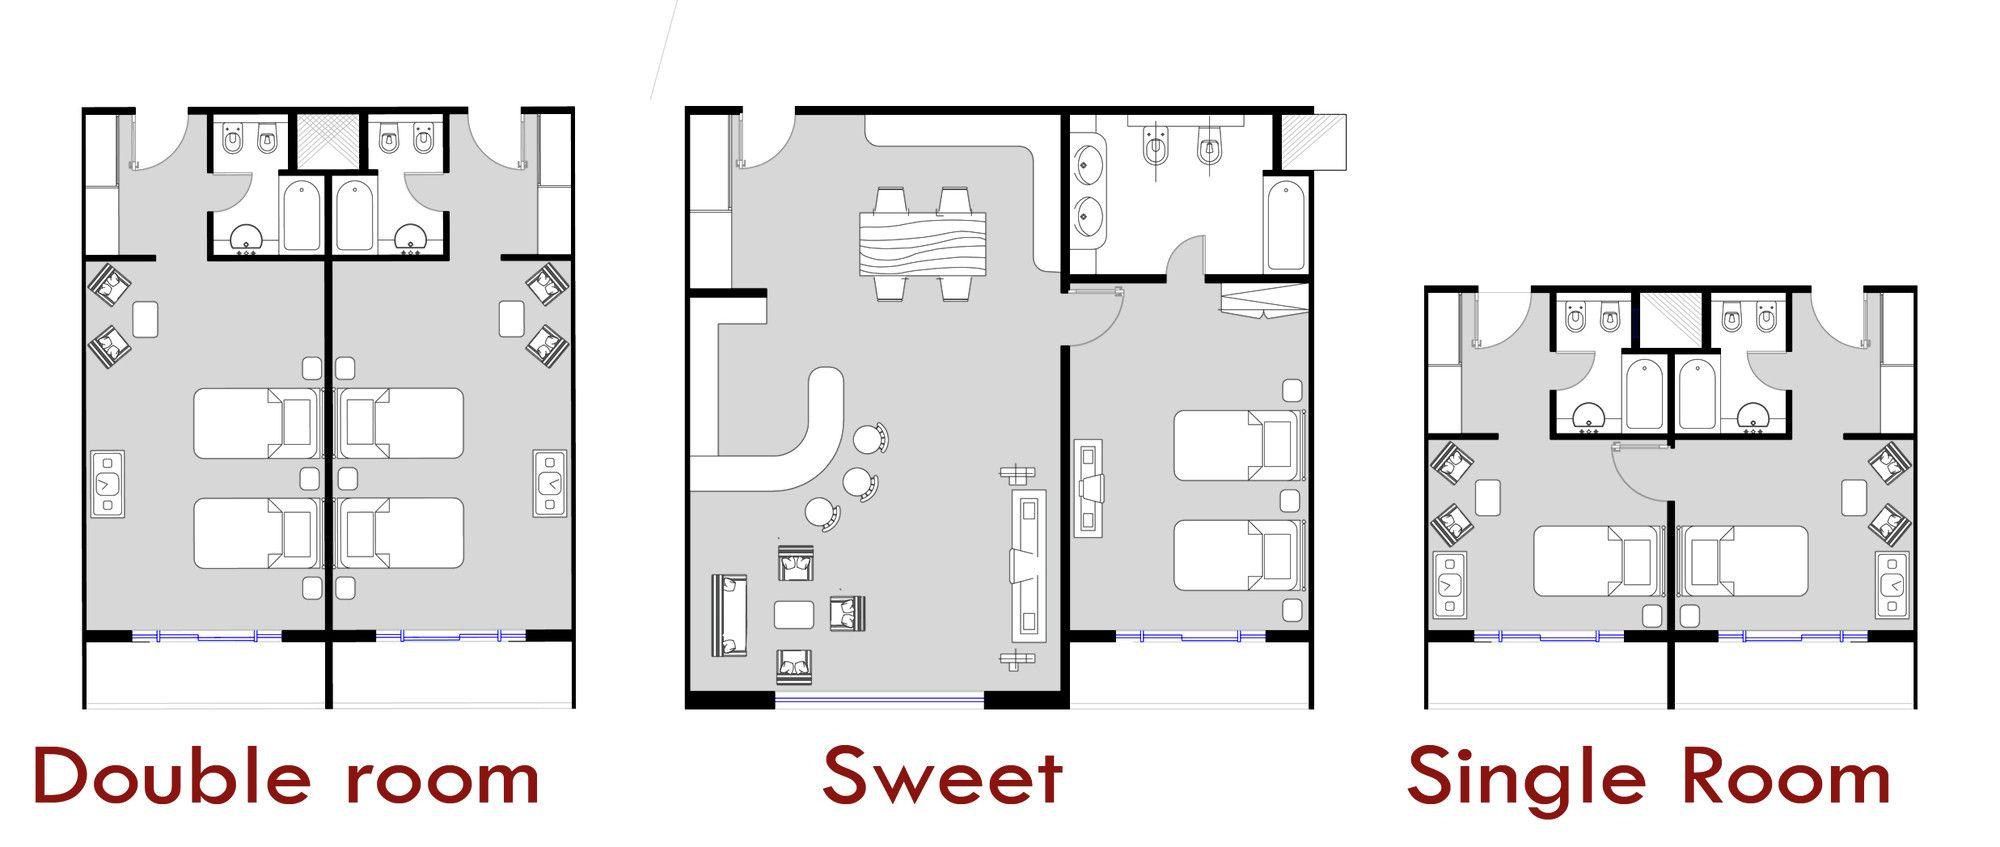 Hotel Room Floor Plans Gallery Of Father And Son Skyscraper Iamz Studio 5 Interior Desain Arsitektur Arsitektur Rumah